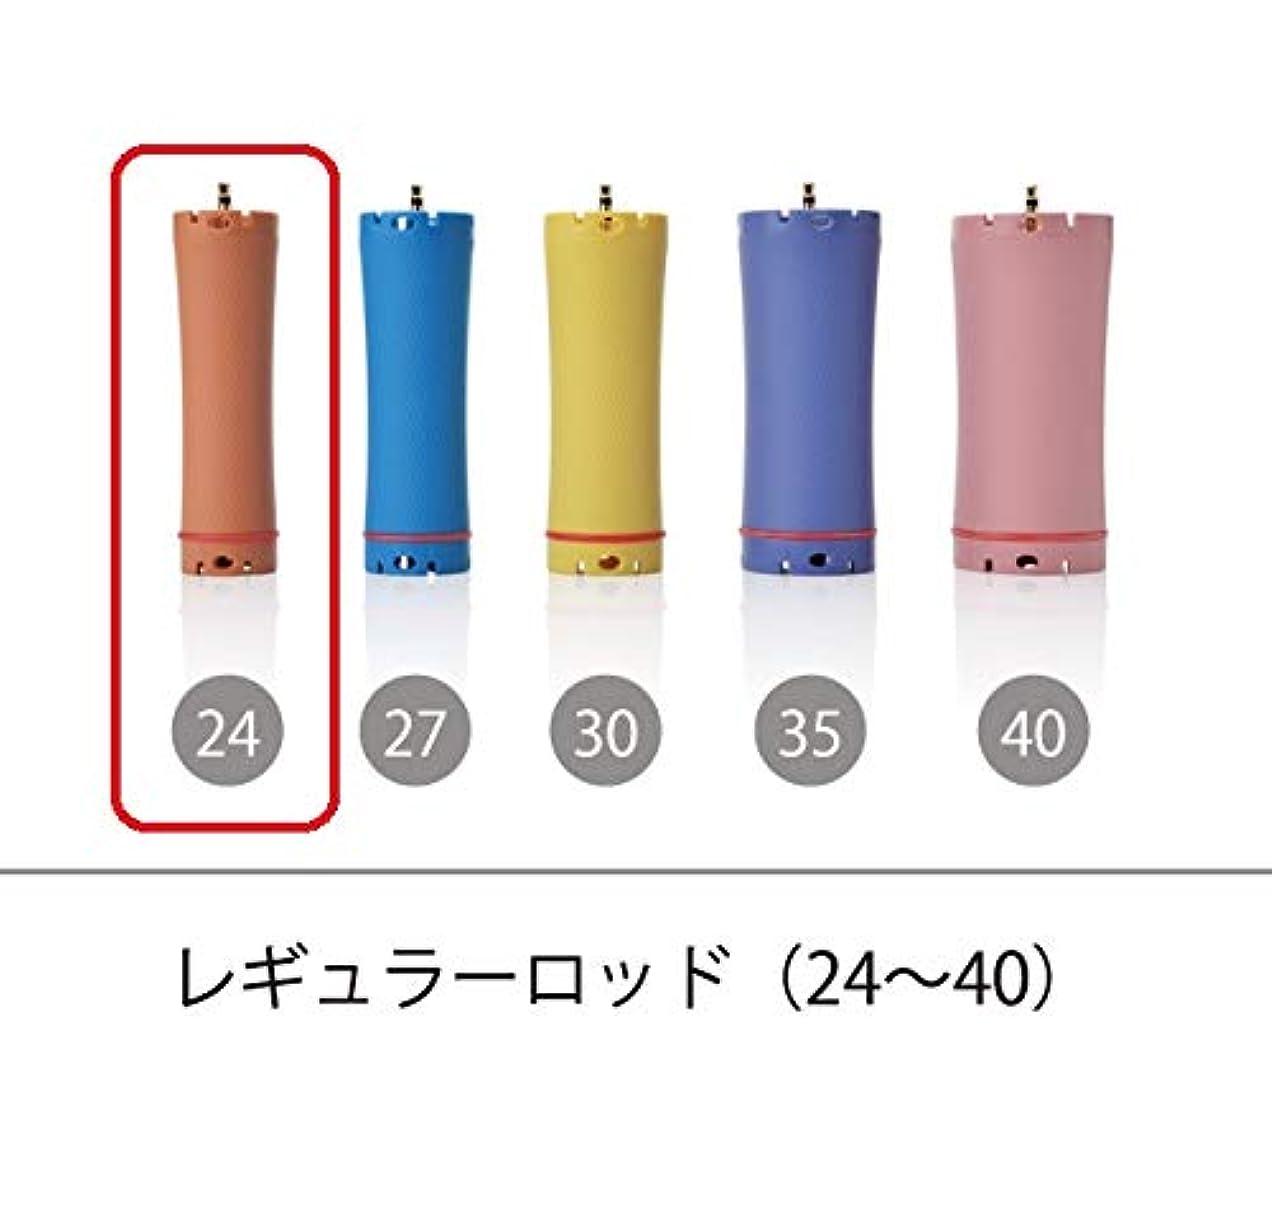 ソキウス 専用ロッド レギュラーロッド 24mm